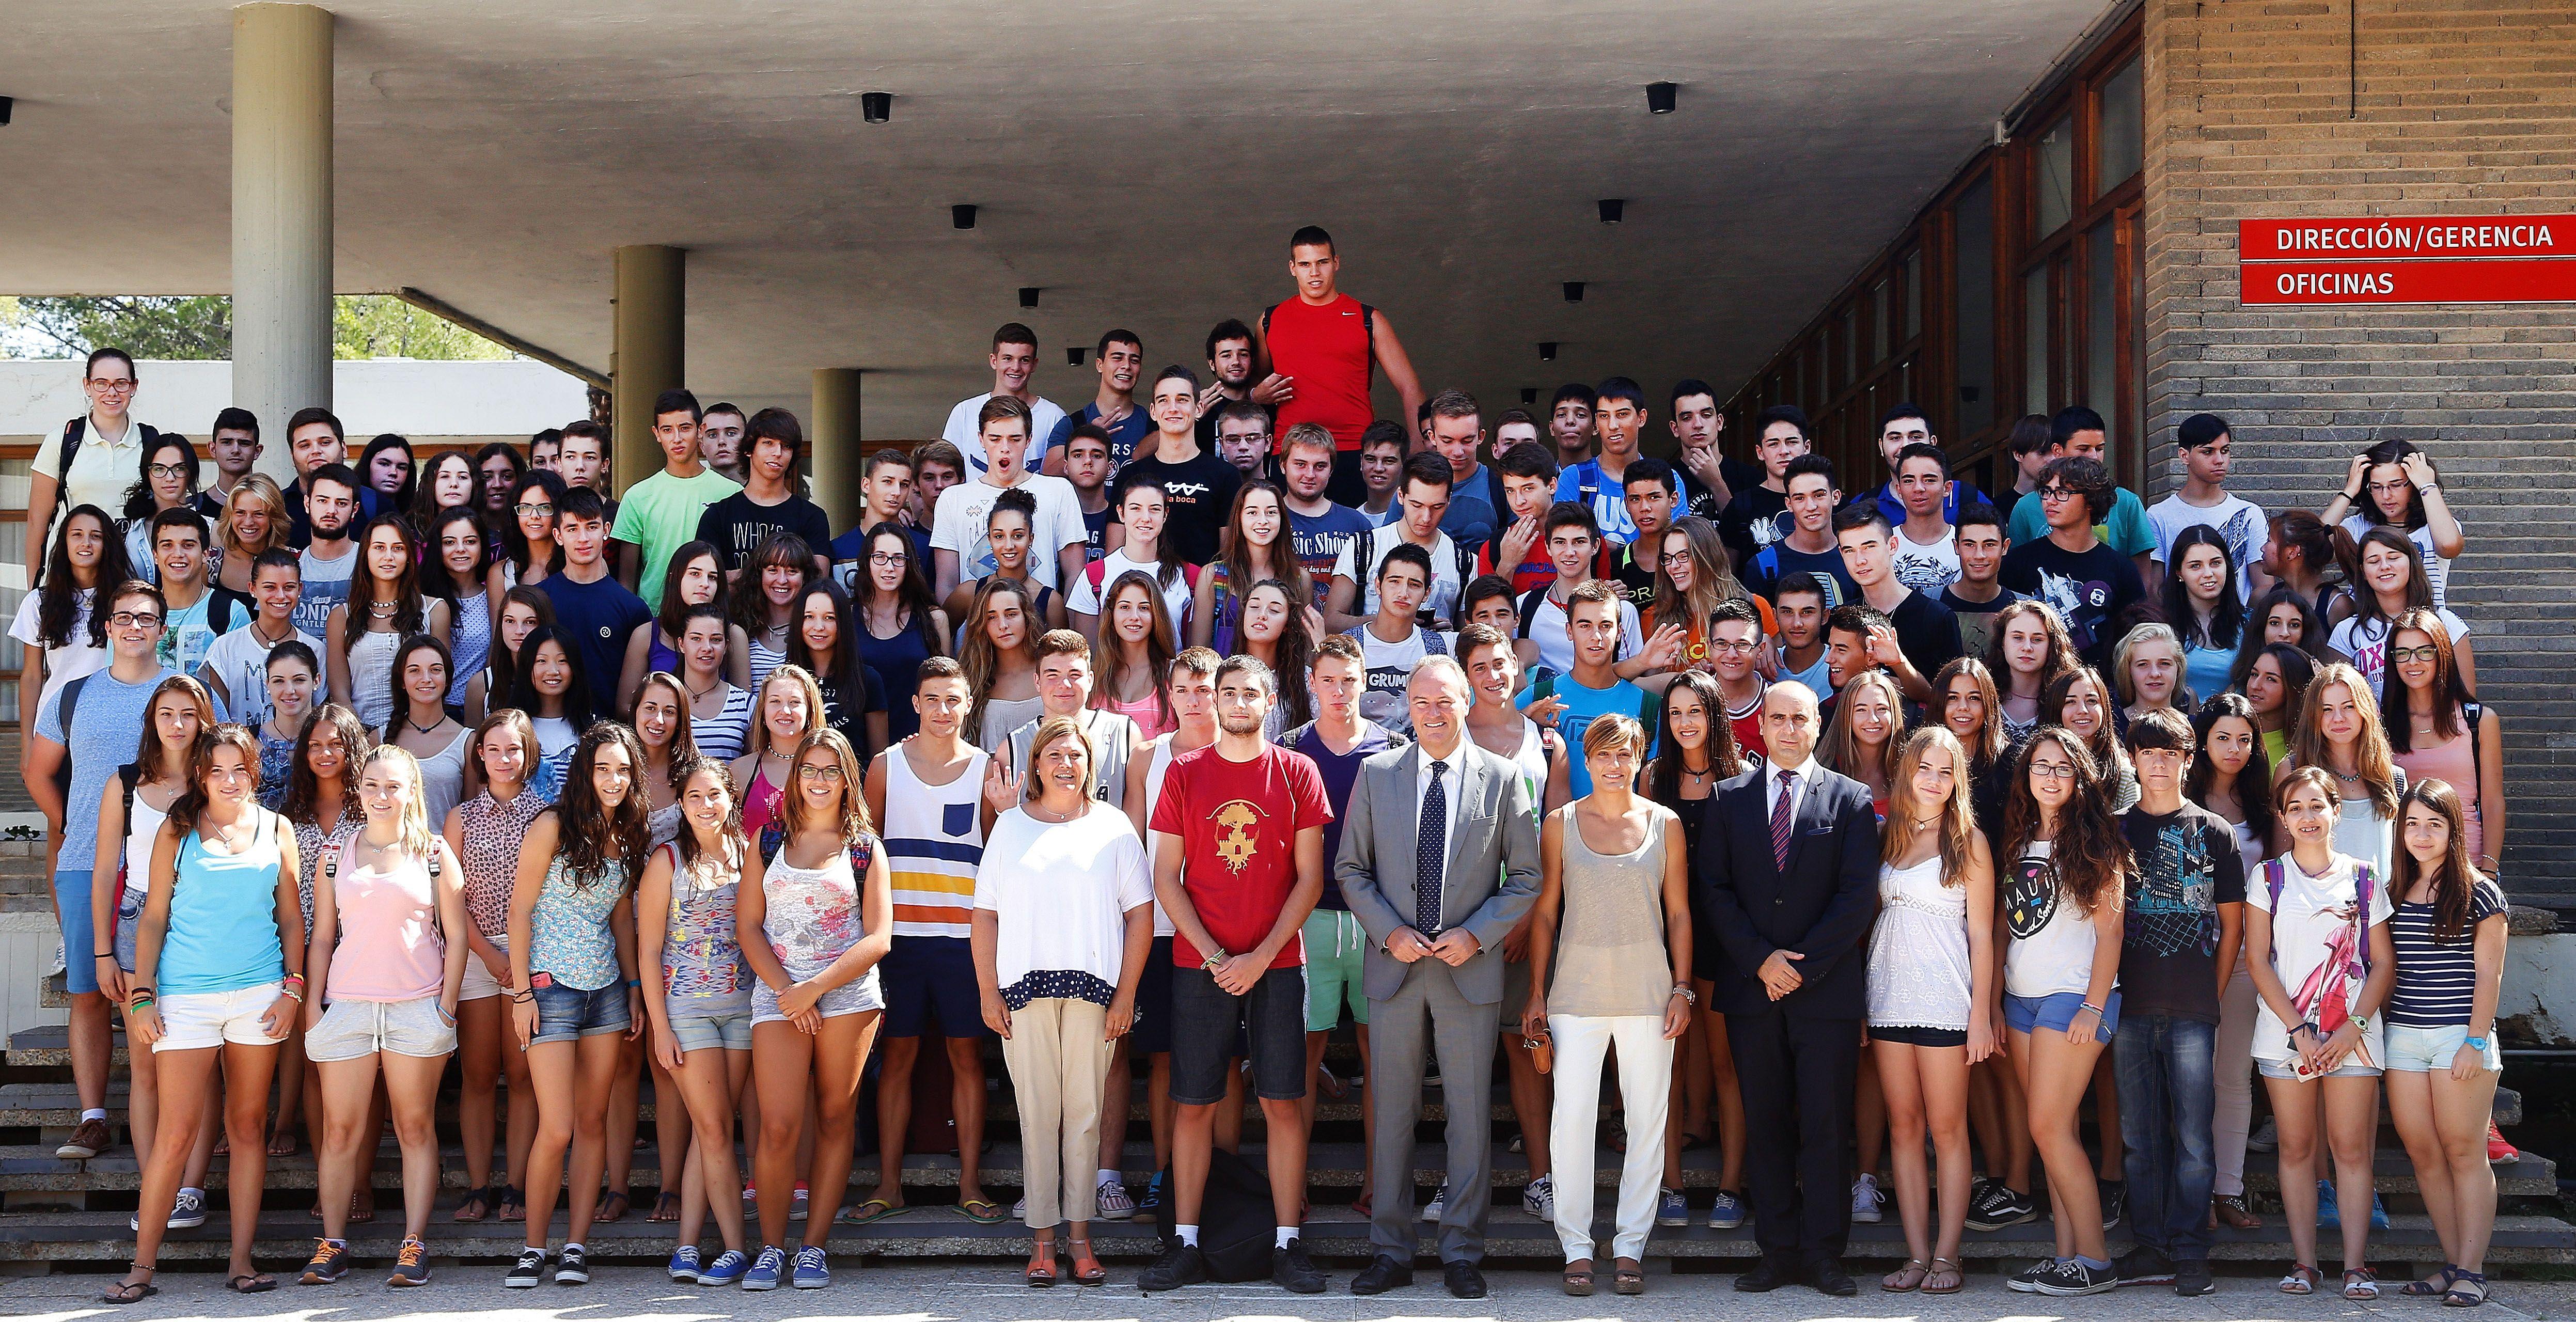 Bienvenida a los alumnos de Bachillerato de Excelencia y del Centro de Tecnificación Deportiva de Cheste